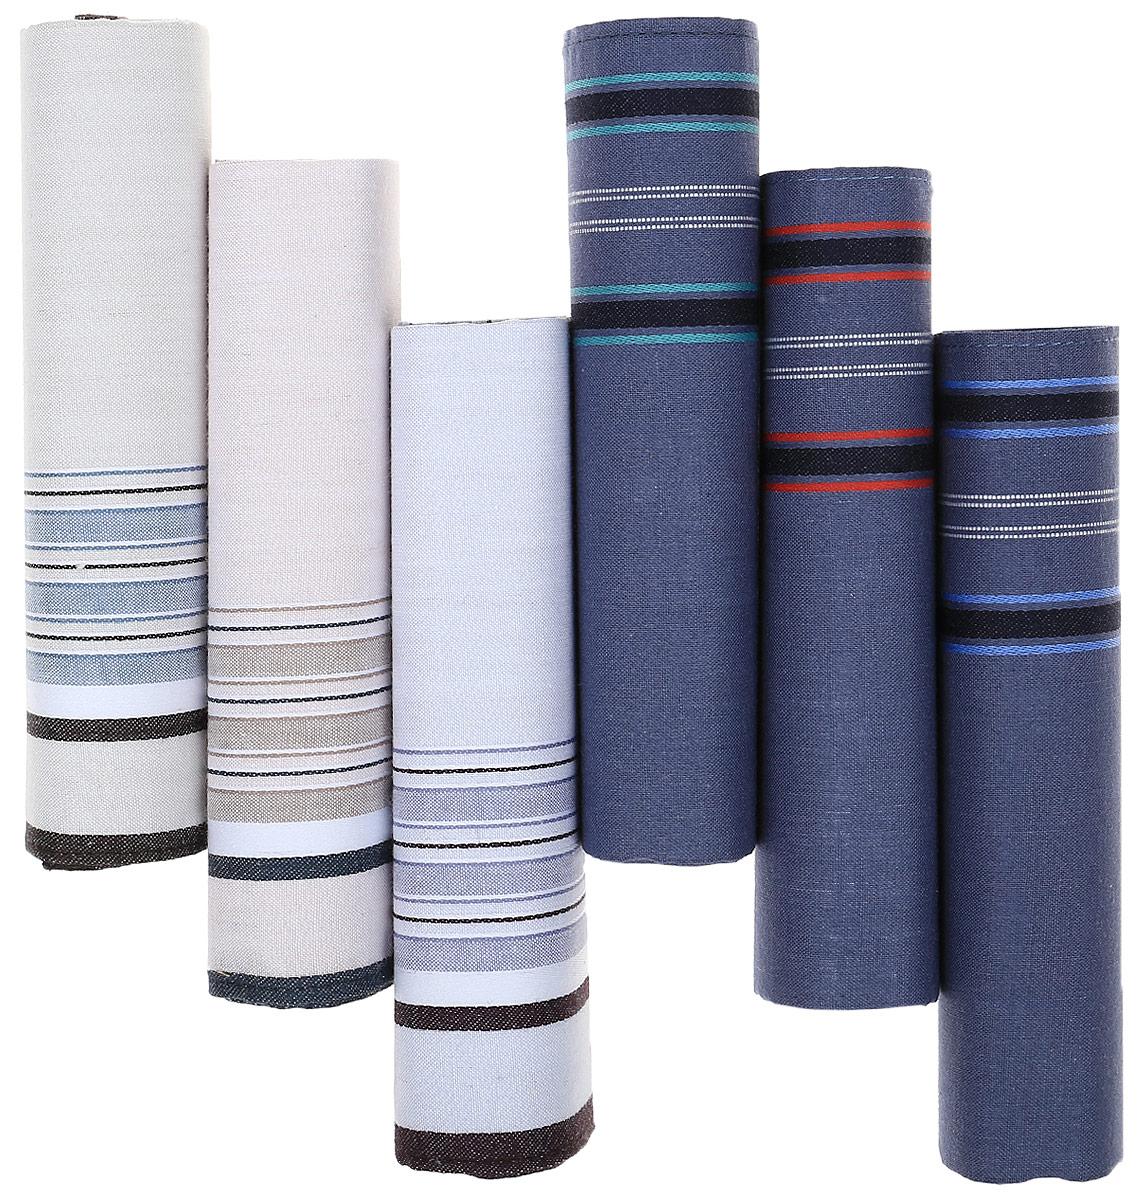 Платок носовой мужской Zlata Korunka, цвет: темно-синий, светло-голубой, 6 шт. М50А. Размер 43 х 43 смМ50АМужские носовые платки Zlata Korunka изготовлены из натурального хлопка, приятны в использовании, хорошо стираются, материал не садится и отлично впитывает влагу. В упаковке 6 штук.